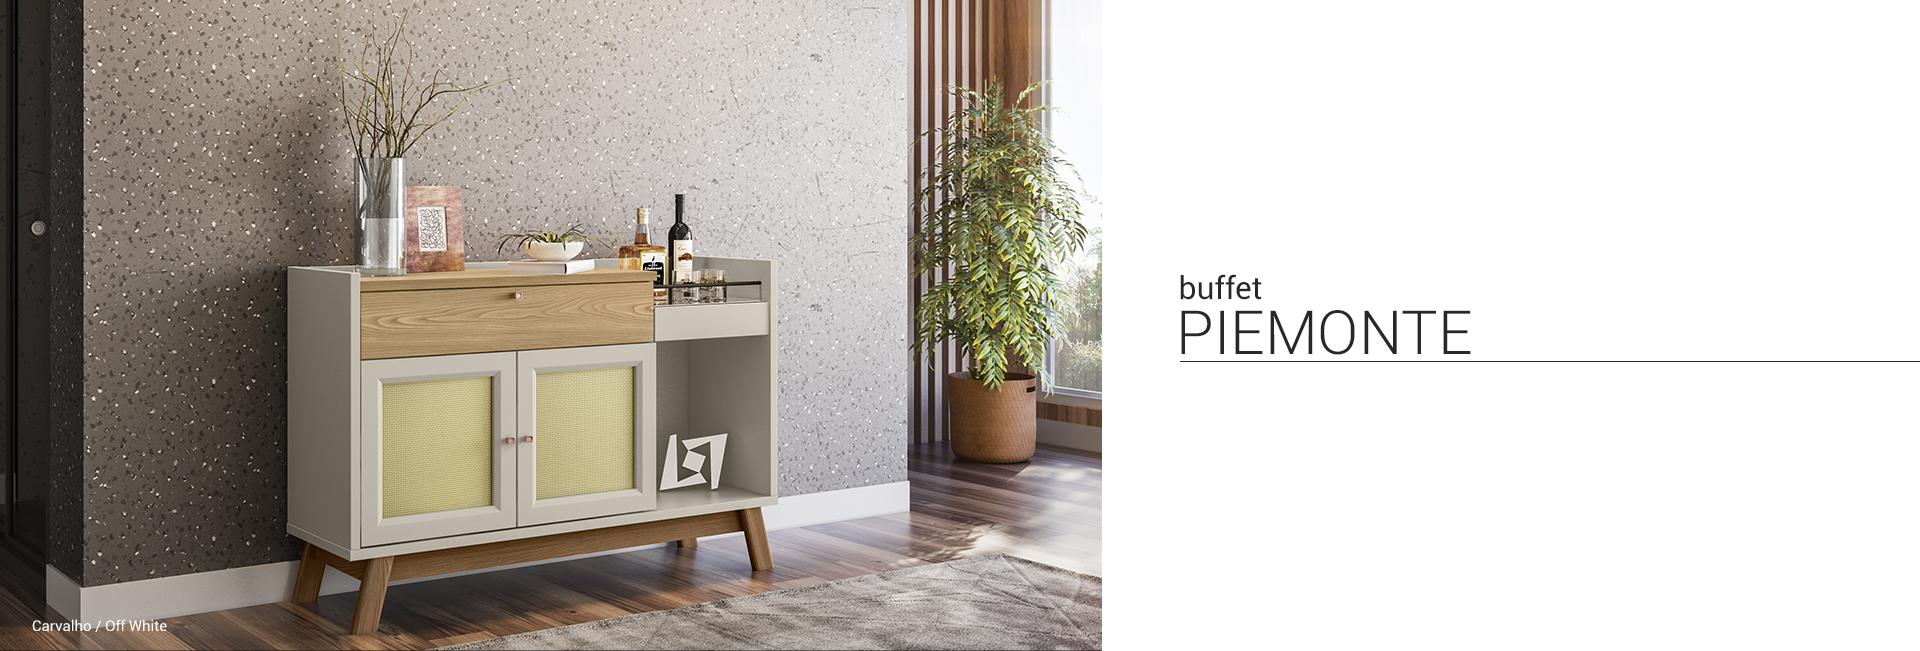 Buffet Piemonte